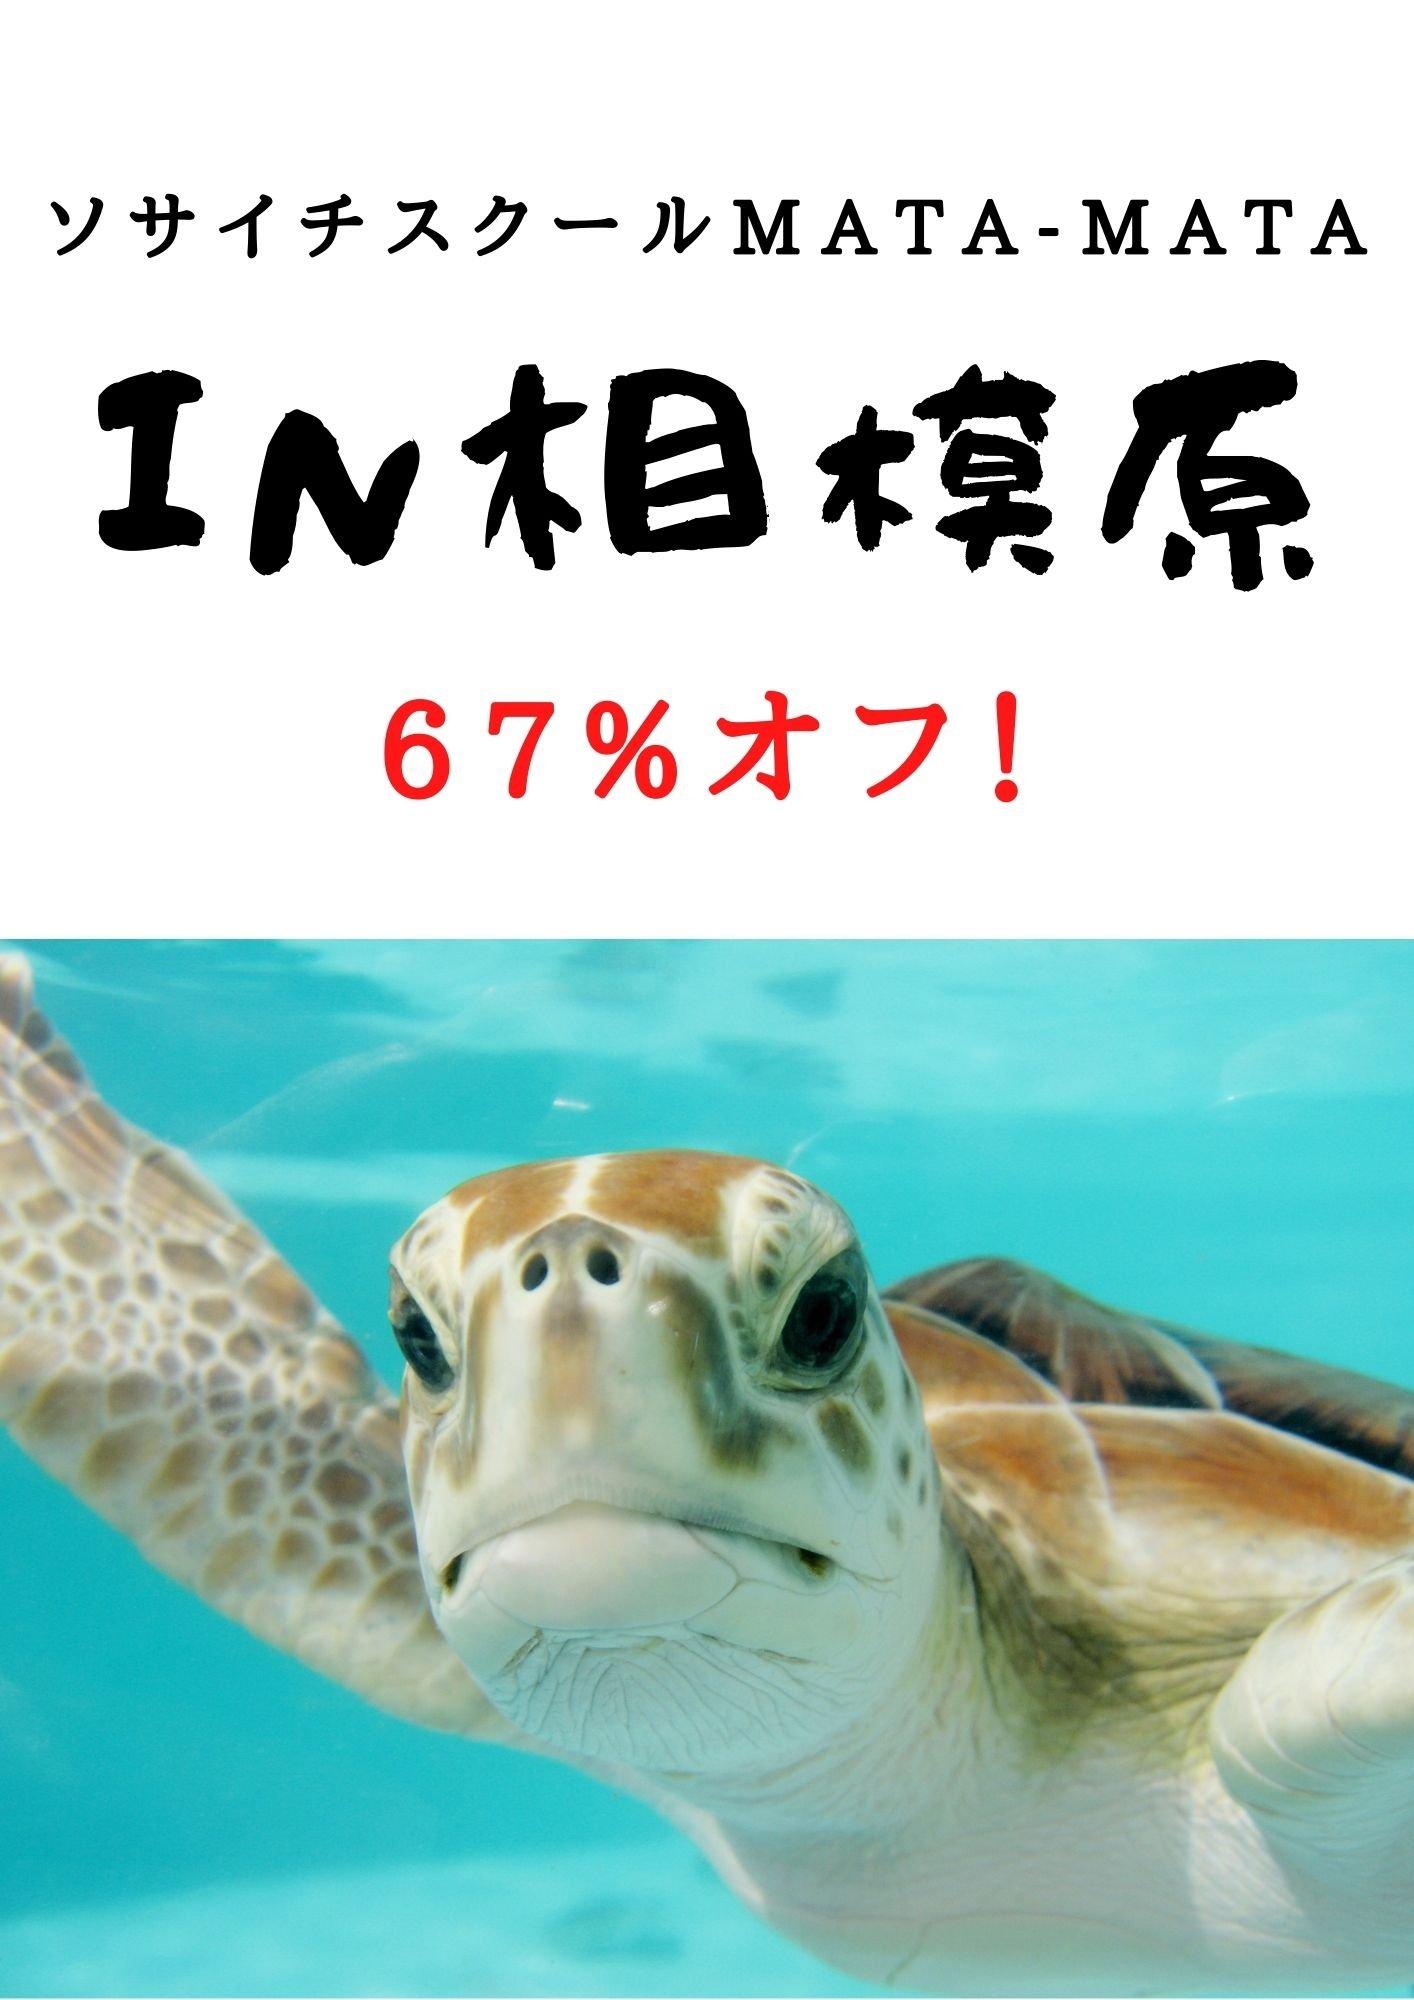 9/18(土)【相模原市開催】ソサイチ体験会のイメージその1